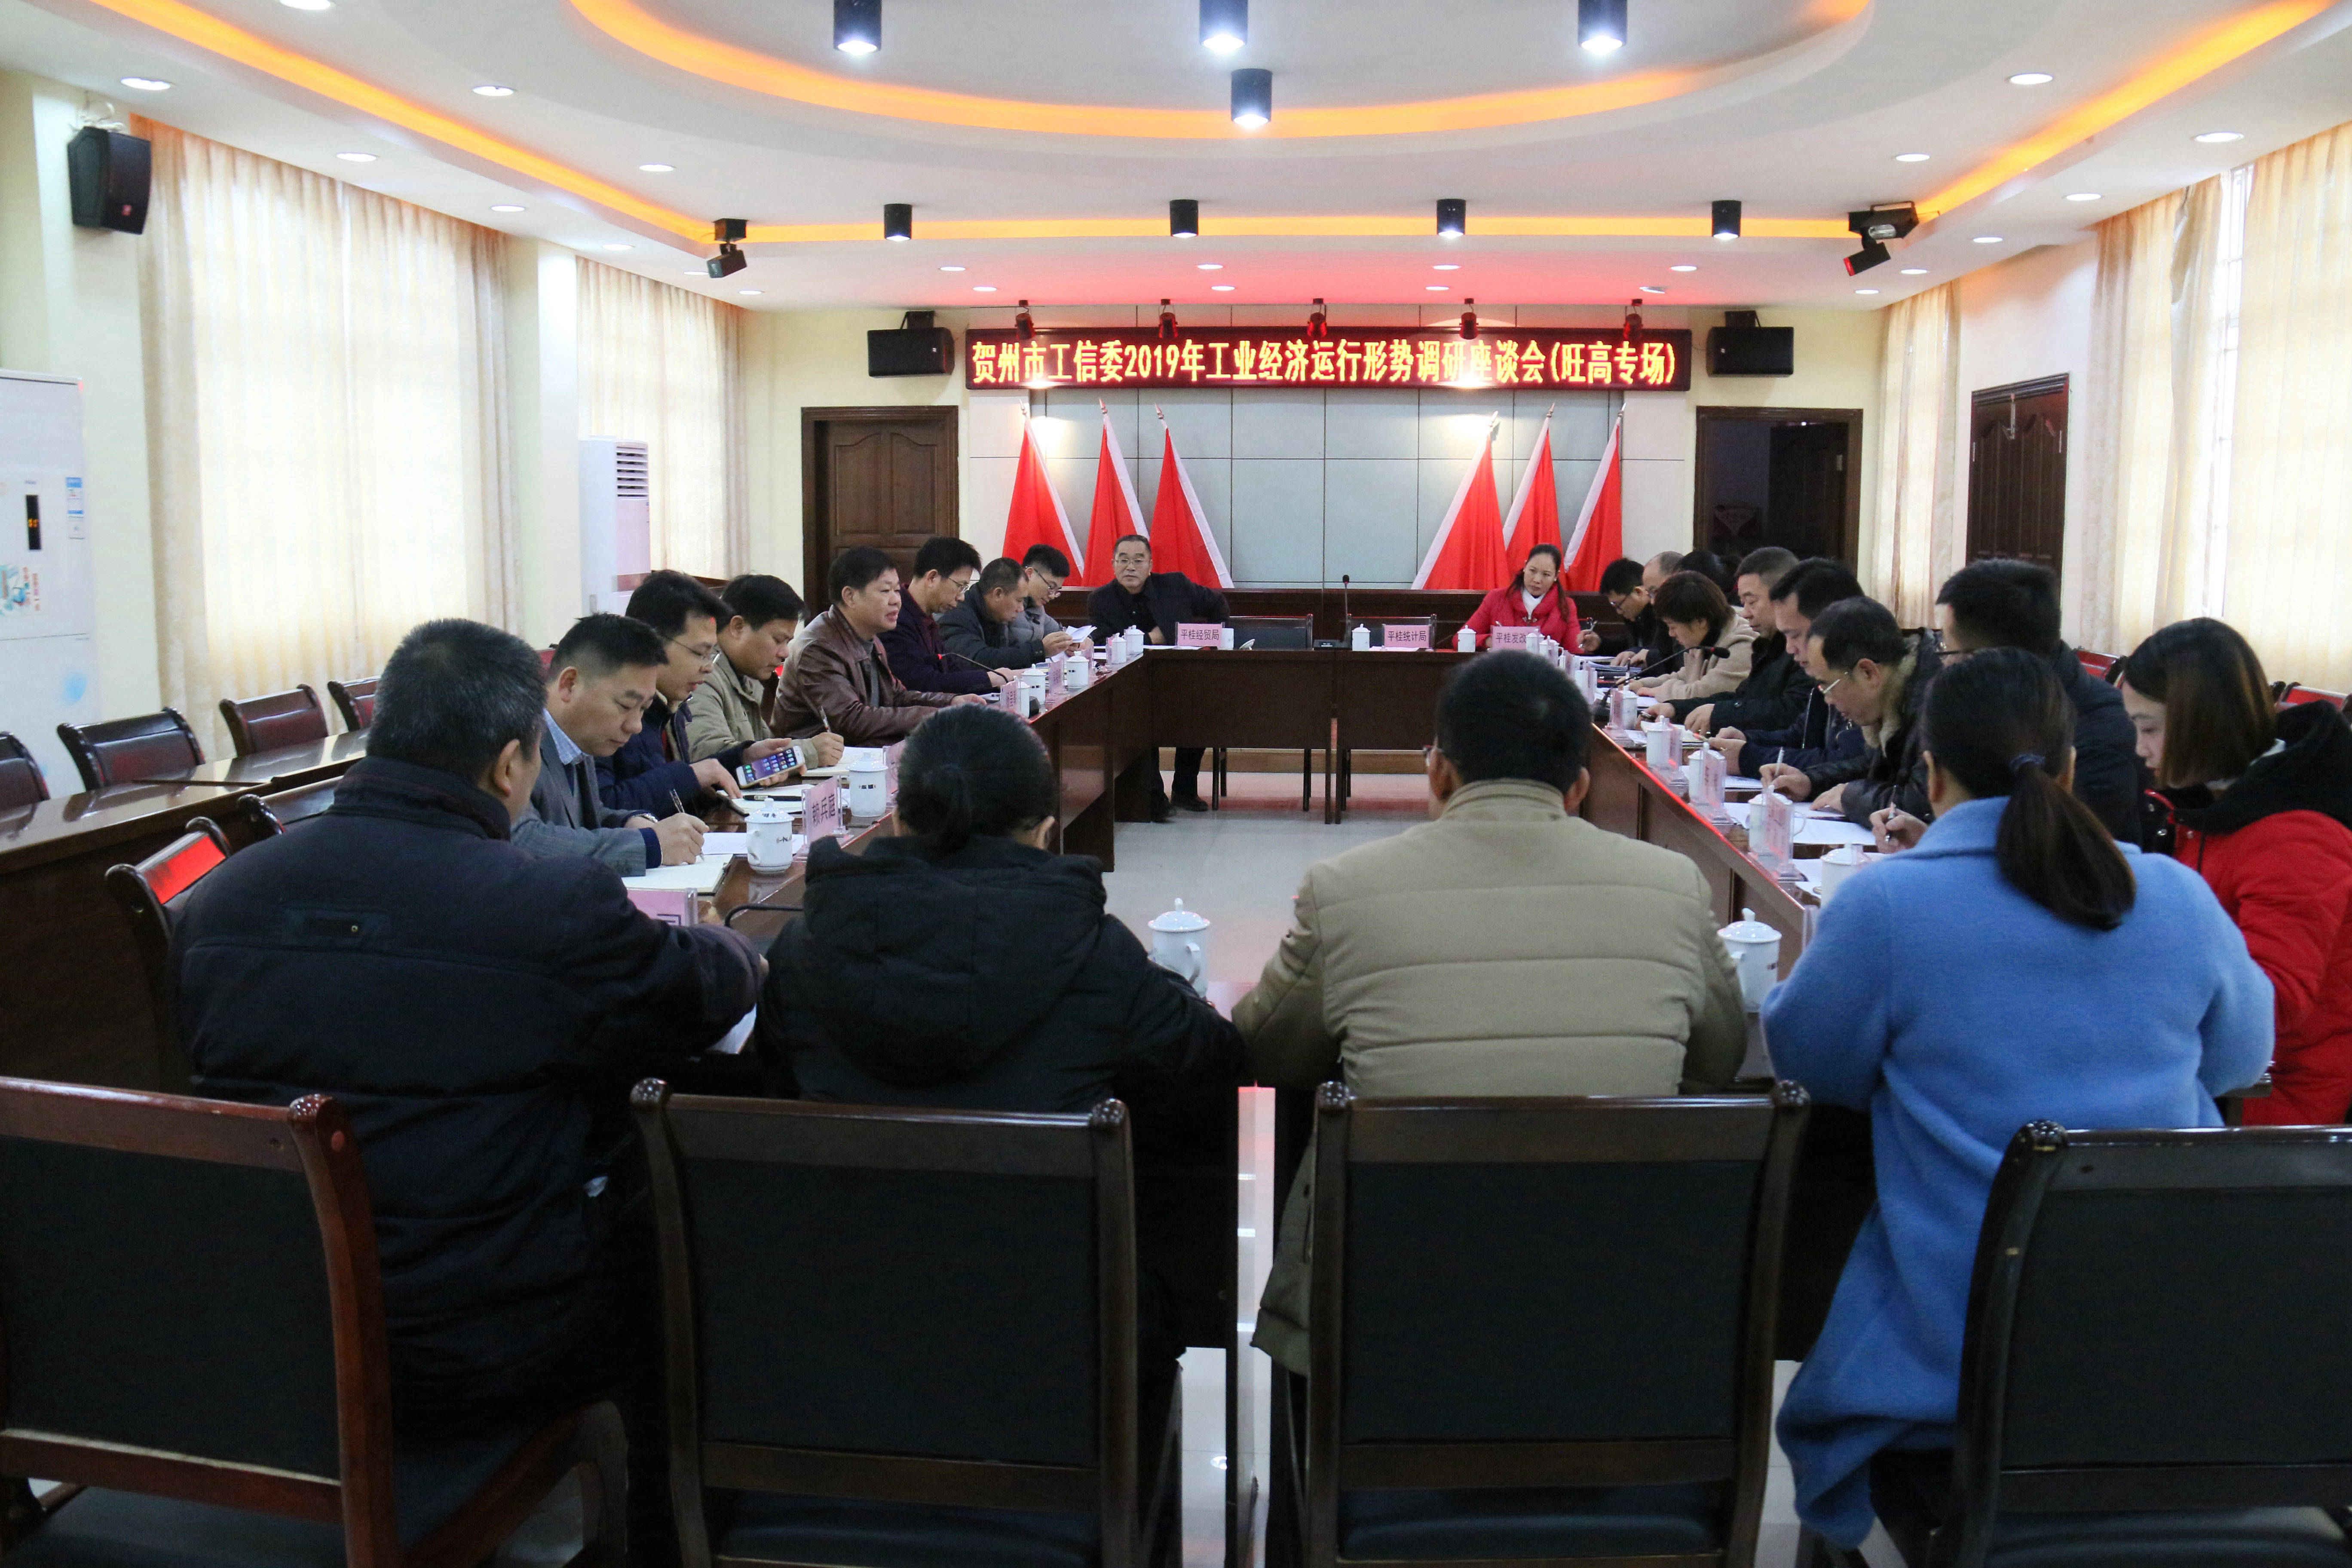 贺州 旺高工业区 工业 座谈会